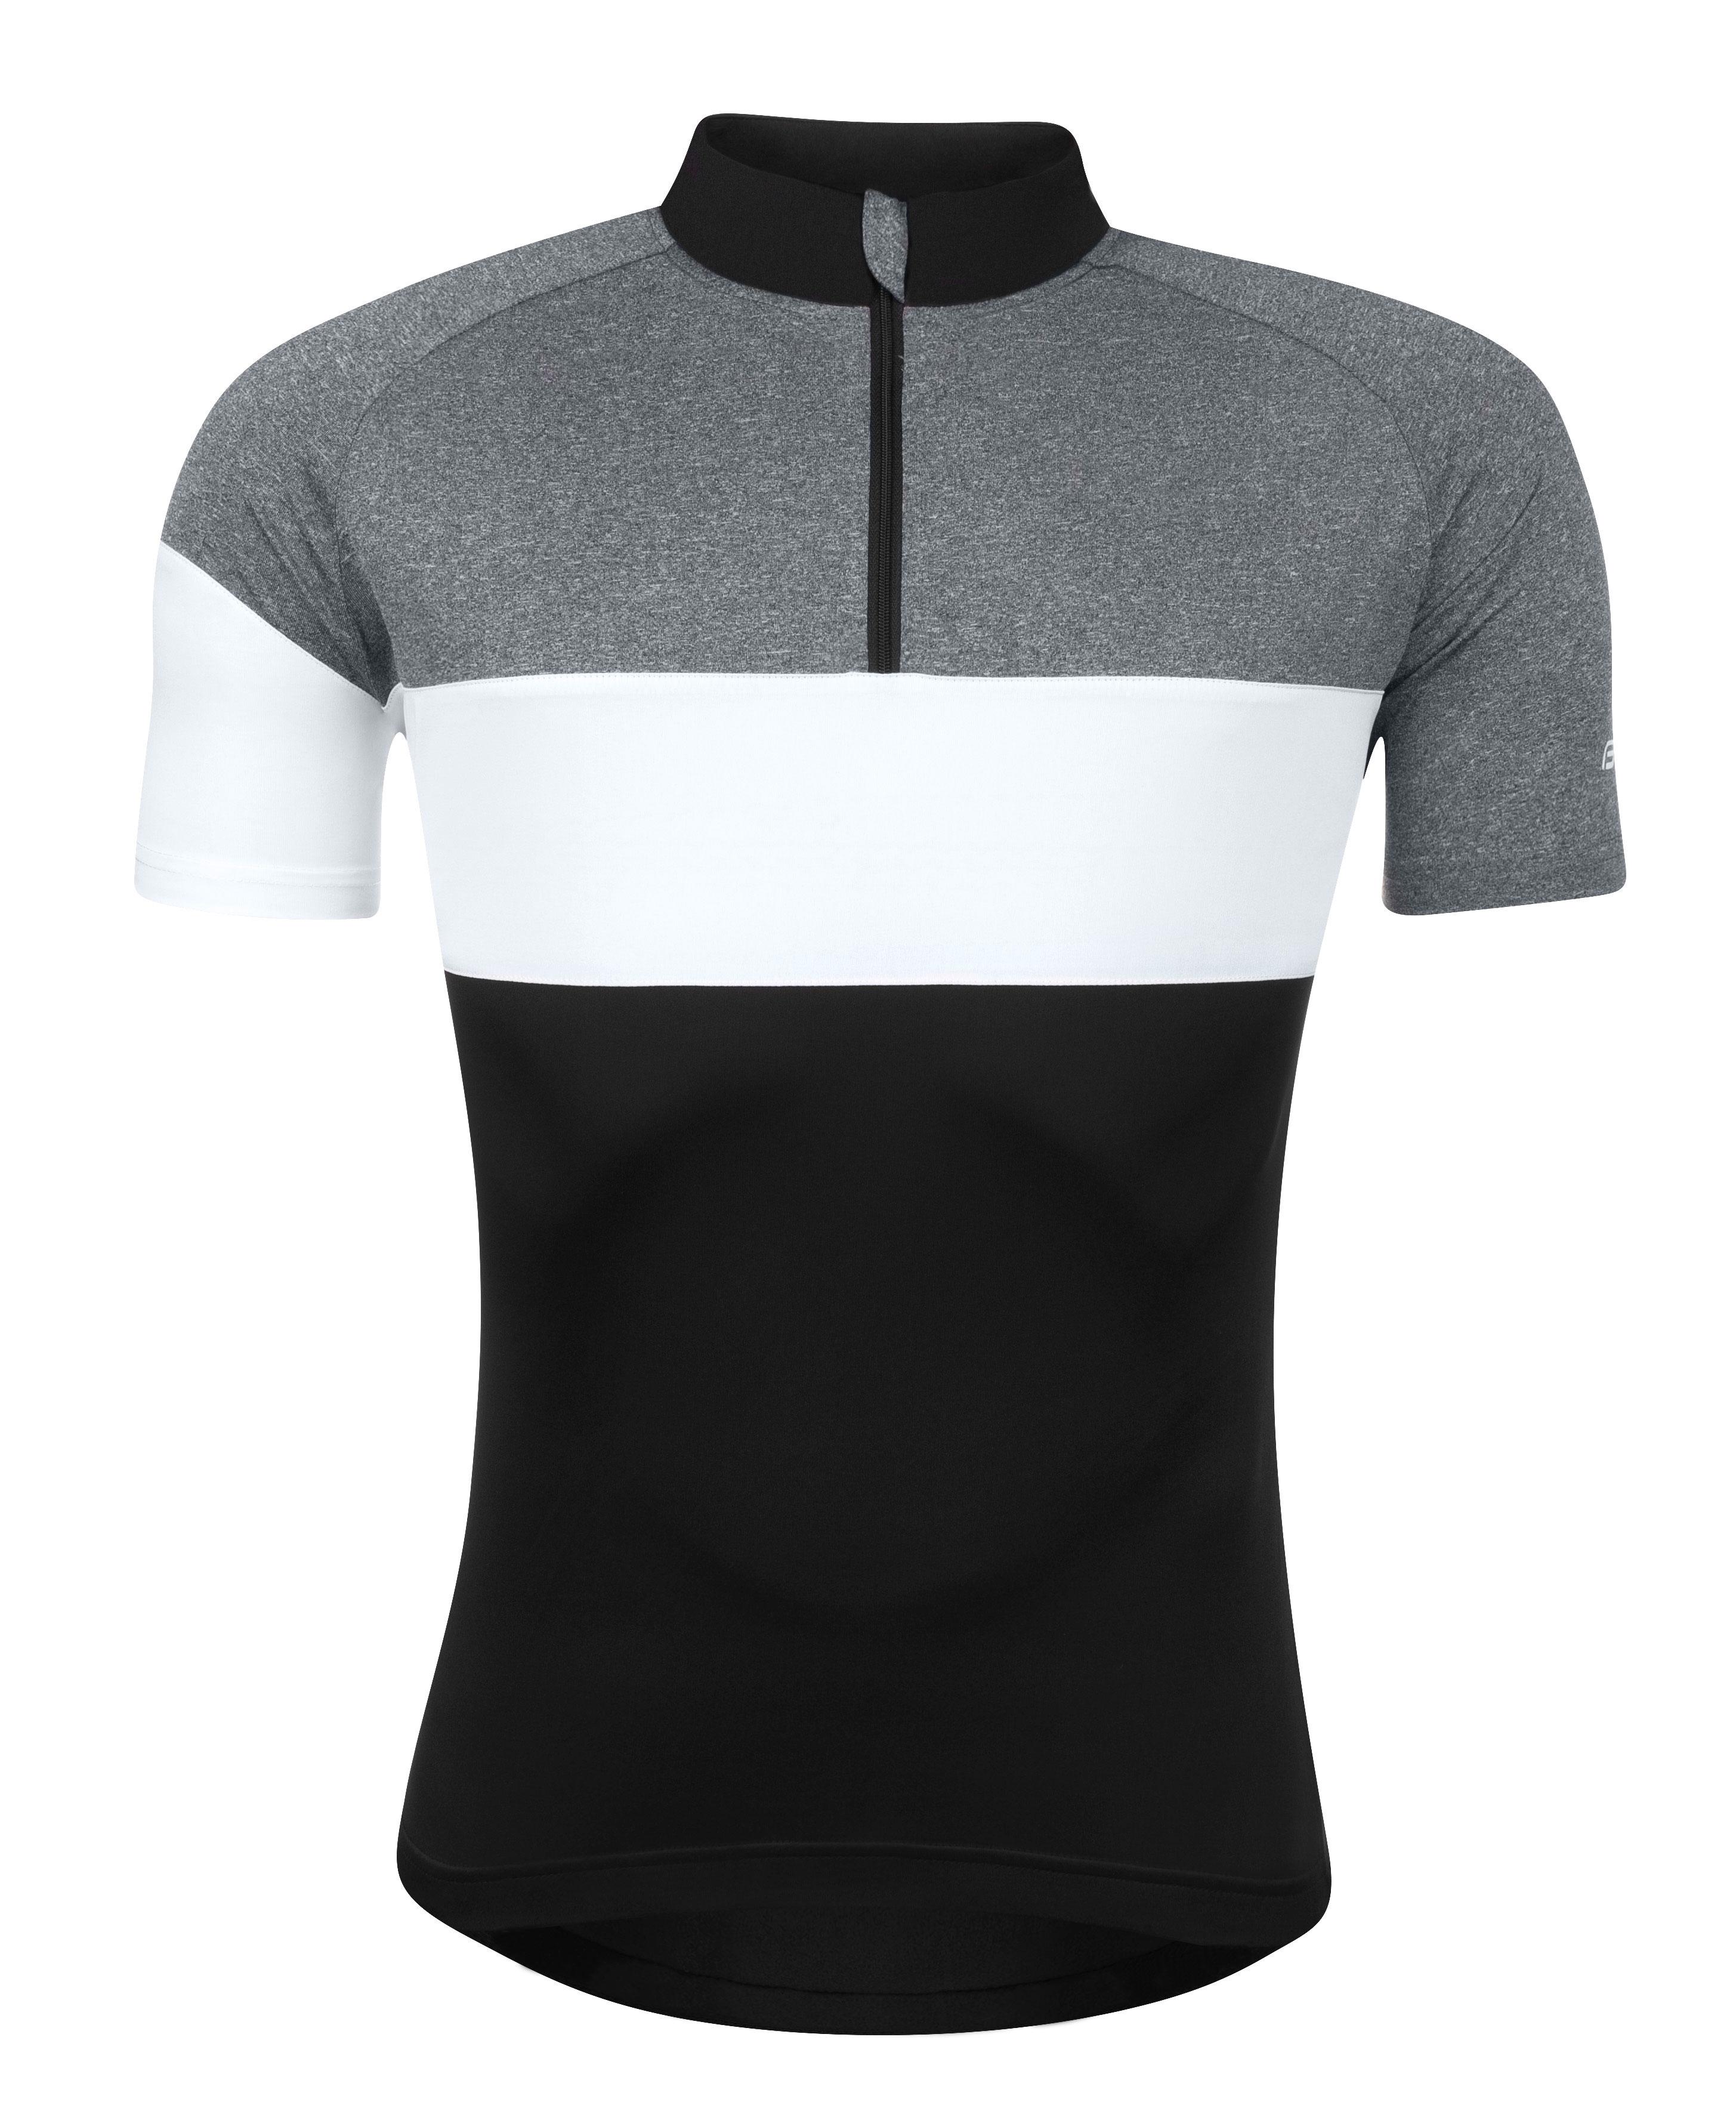 dres FORCE VIEW krátký rukáv,černo-šedo-bílý L